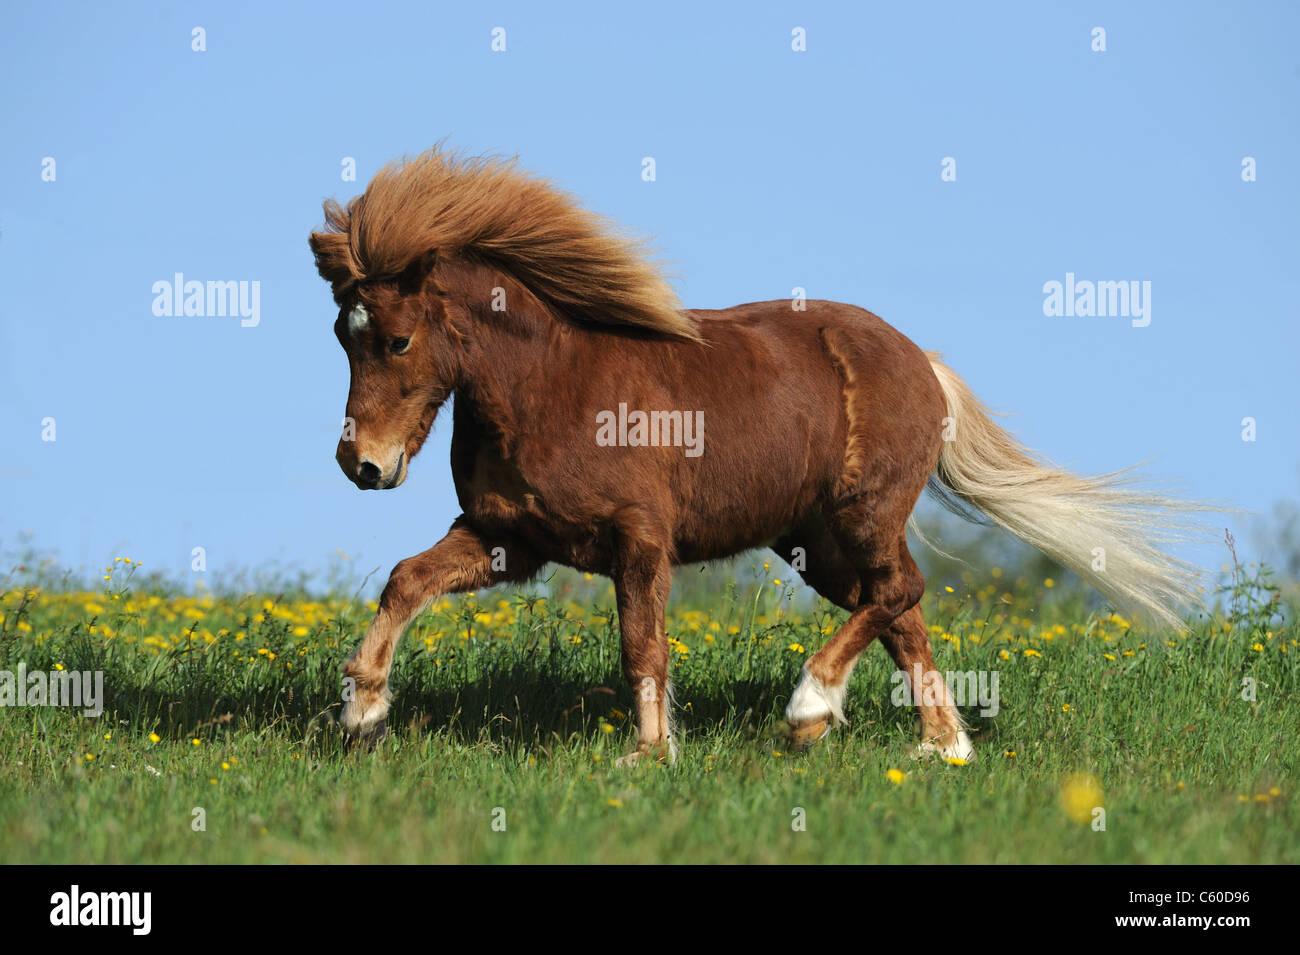 Cavallo islandese (Equus caballus ferus) in un trotto su un prato. Immagini Stock